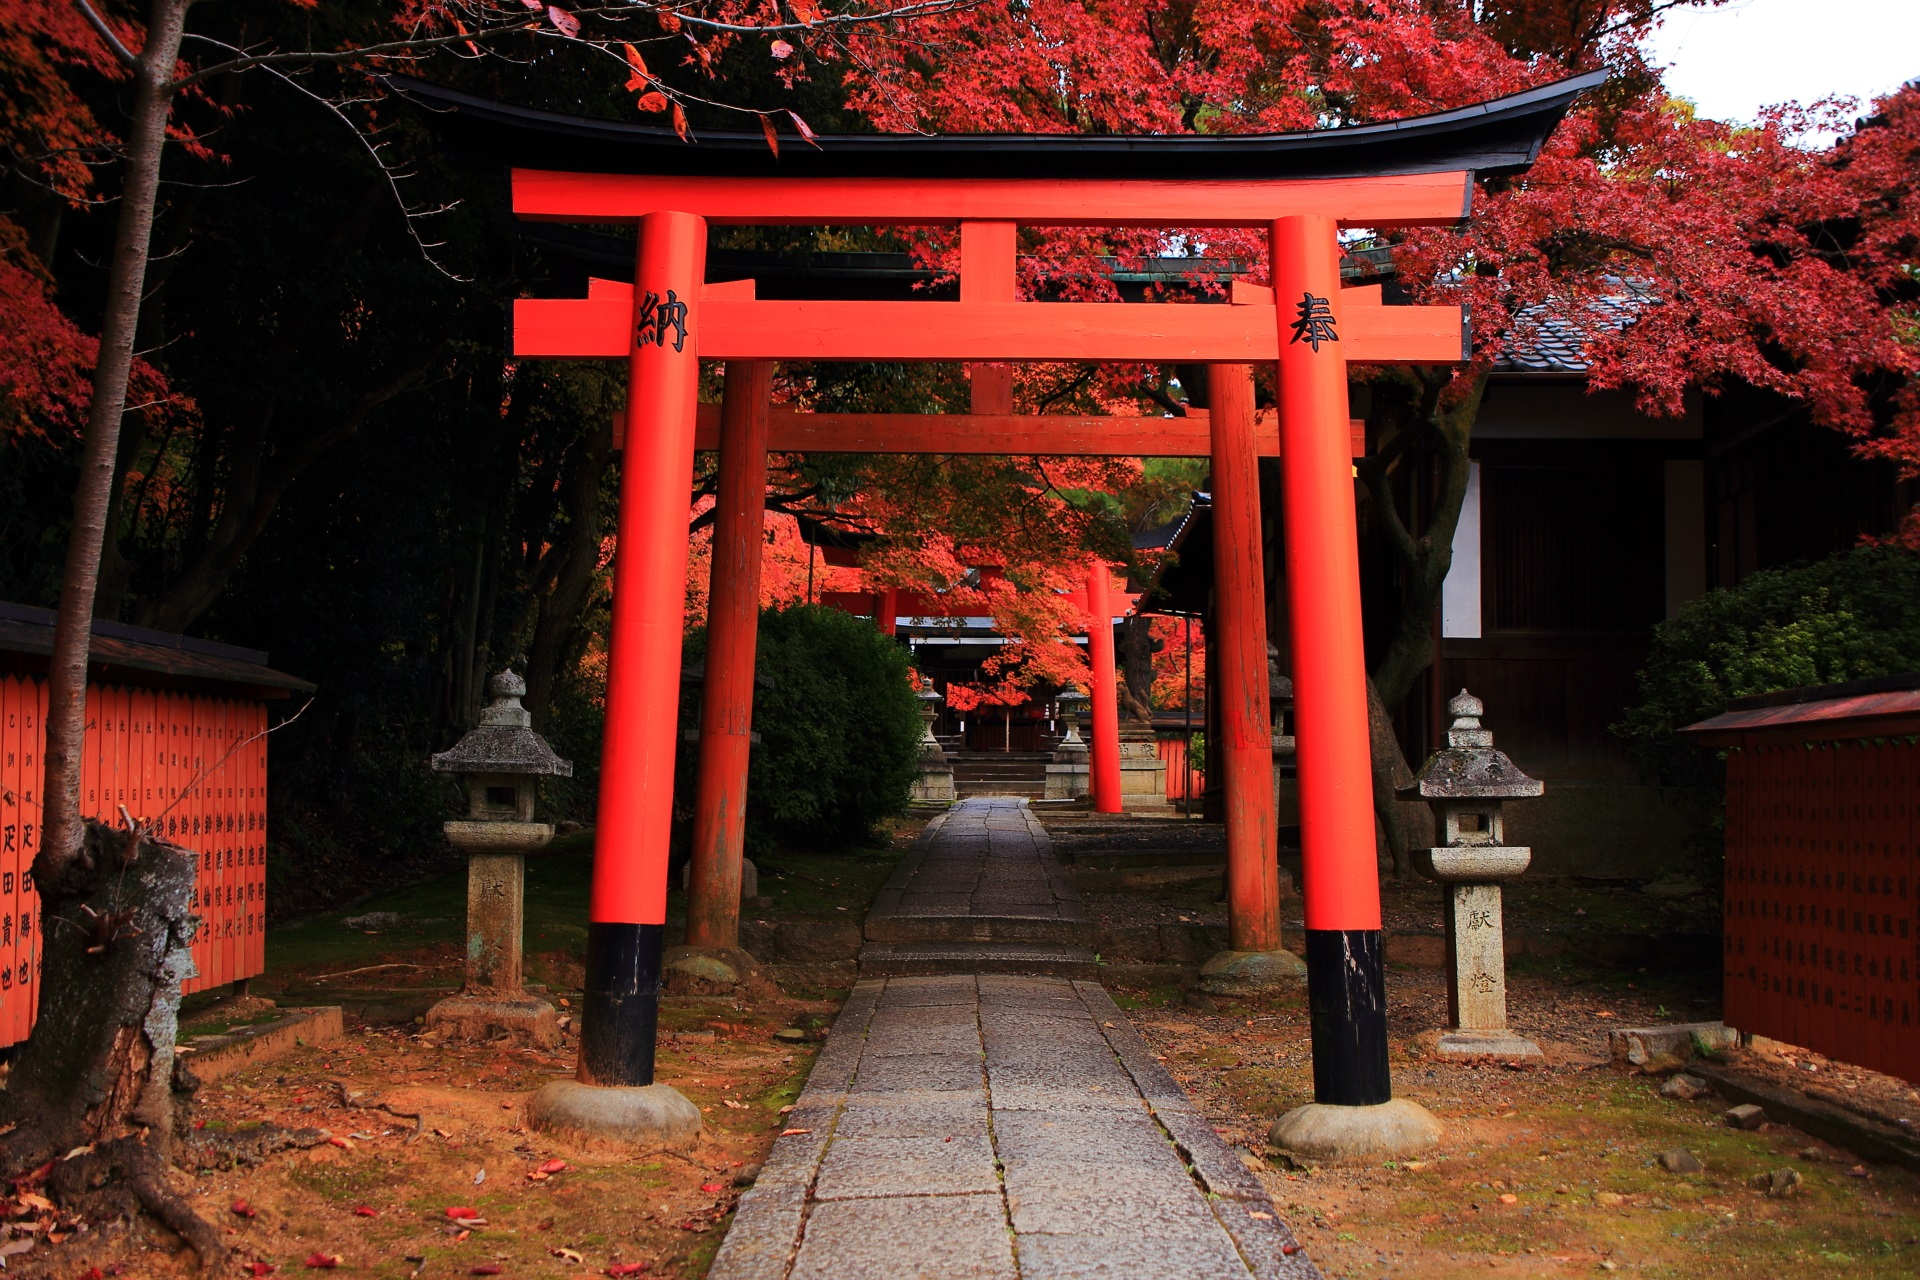 竹中稲荷神社の素晴らしい鳥居の紅葉と秋の情景